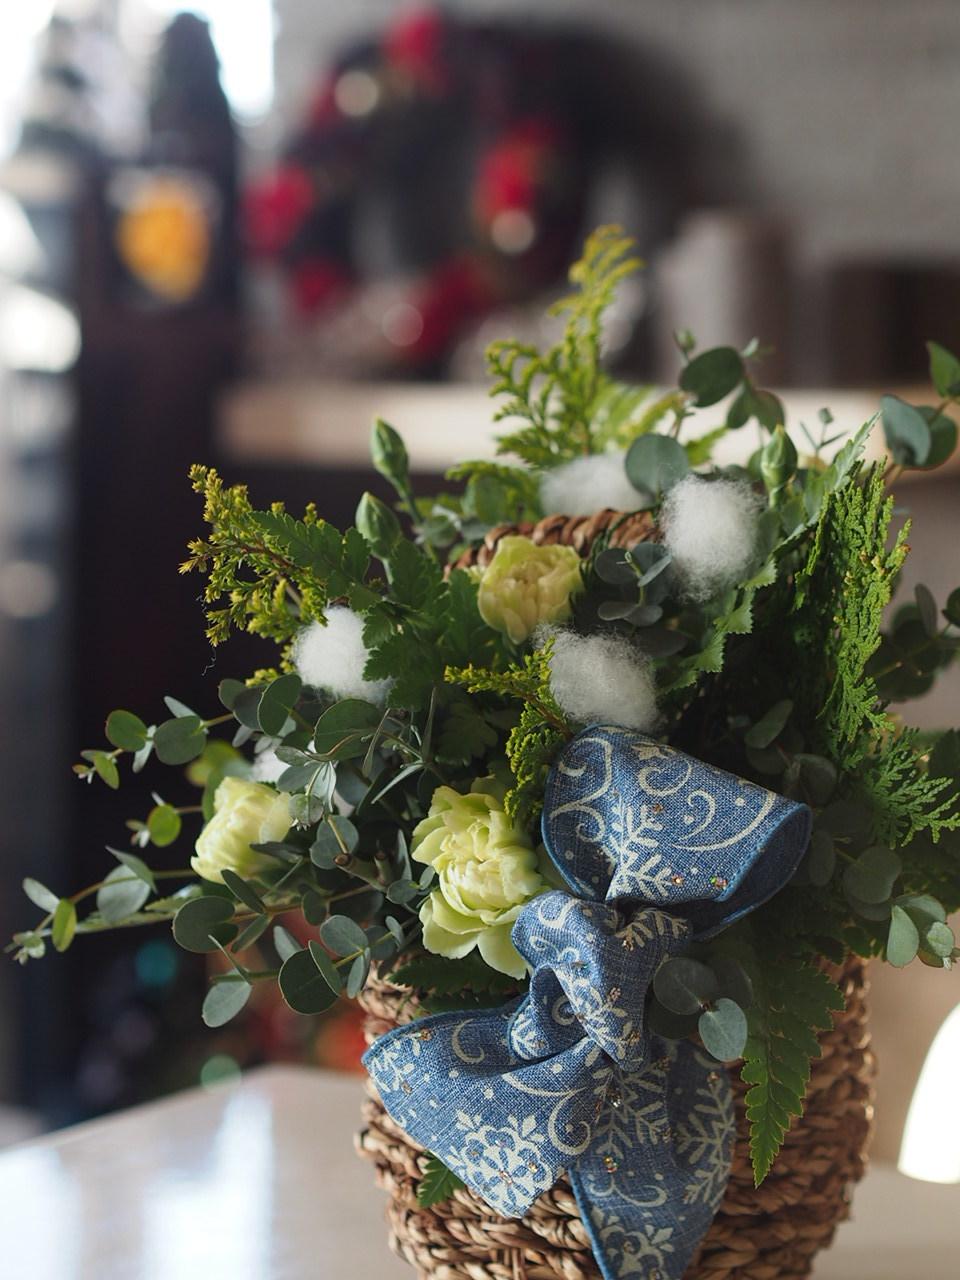 クリスマスツリーアレンジメント@ケアハウスさま_d0144095_20120968.jpg